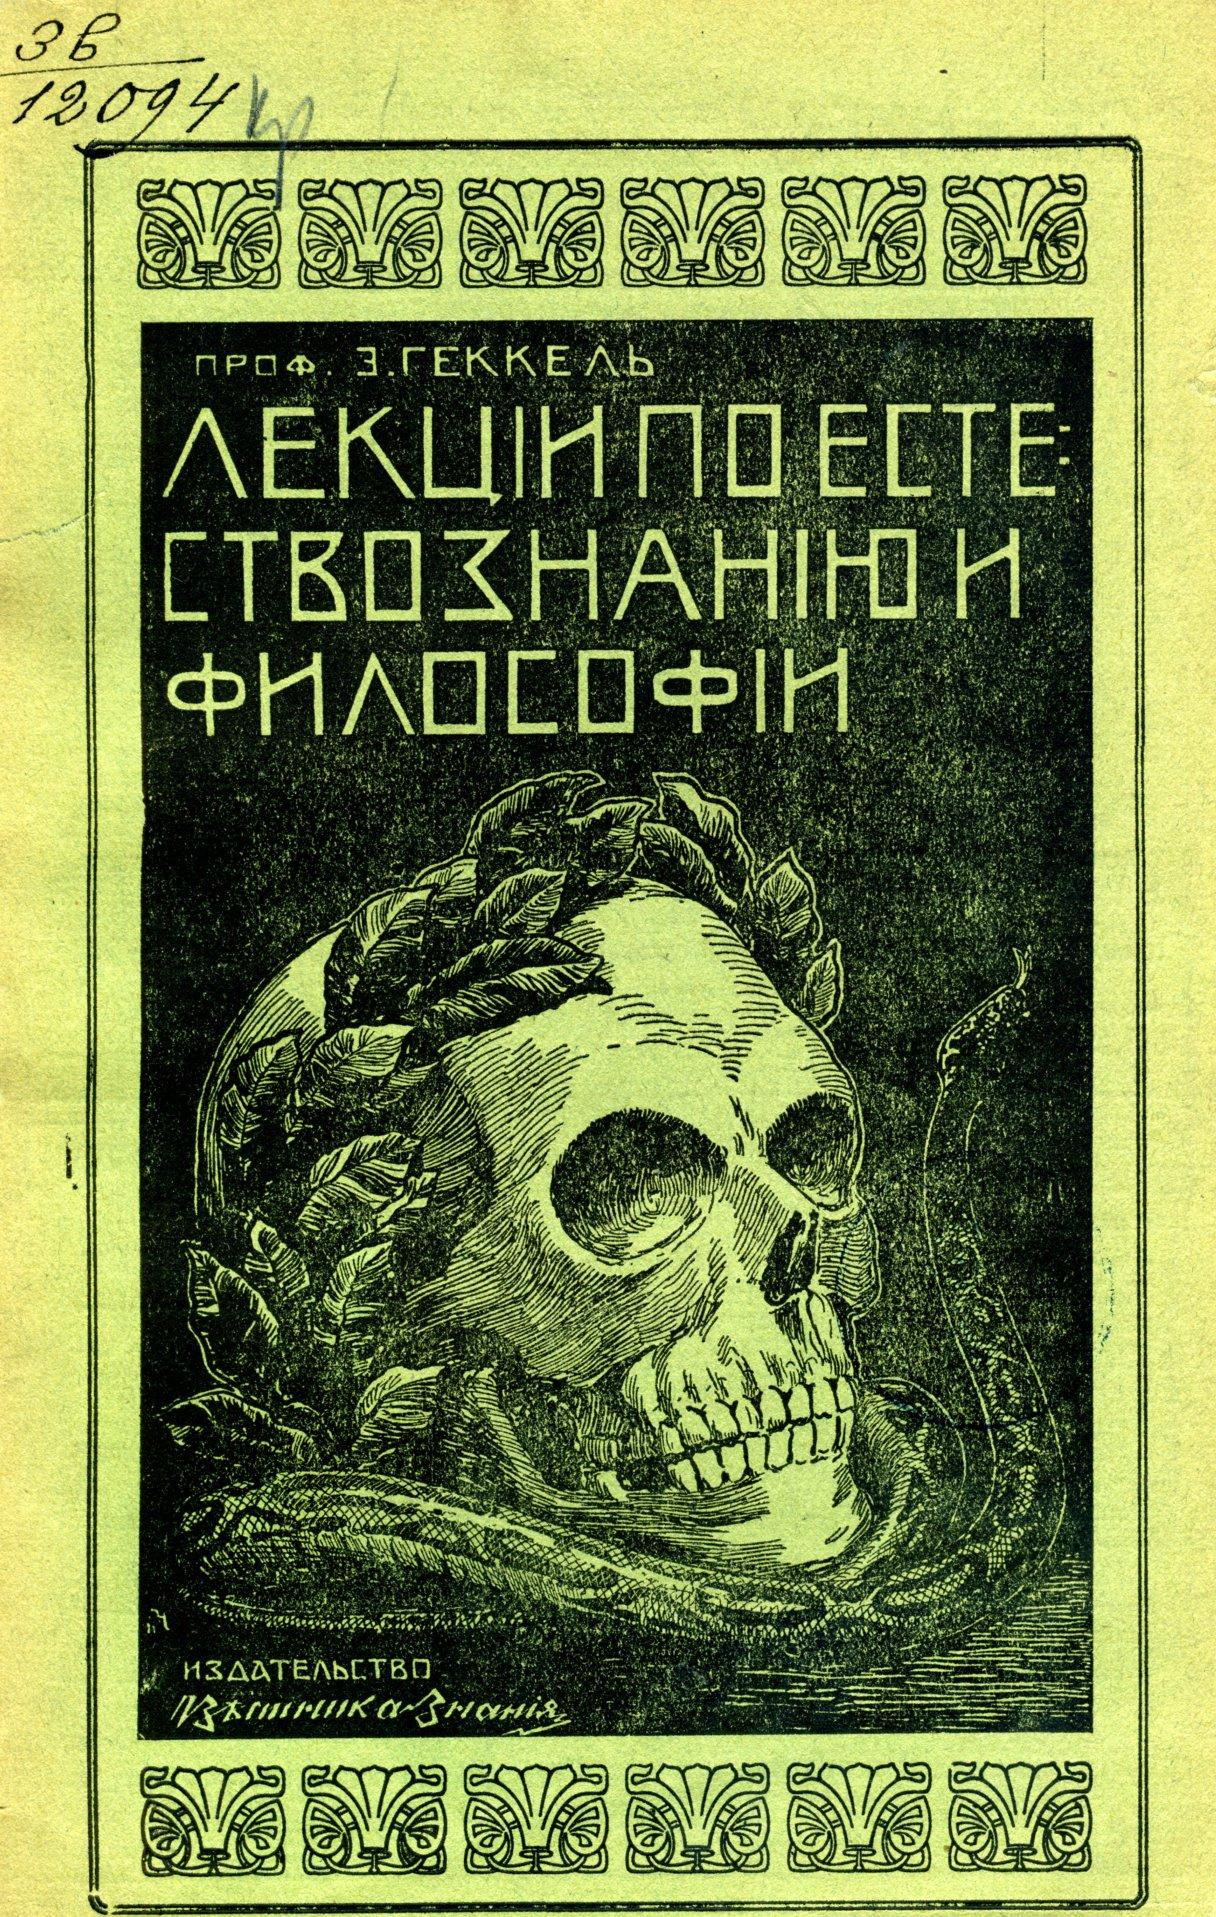 Обложка книги Э. Геккеля «Лекции по естествознанию и философии» (1913)